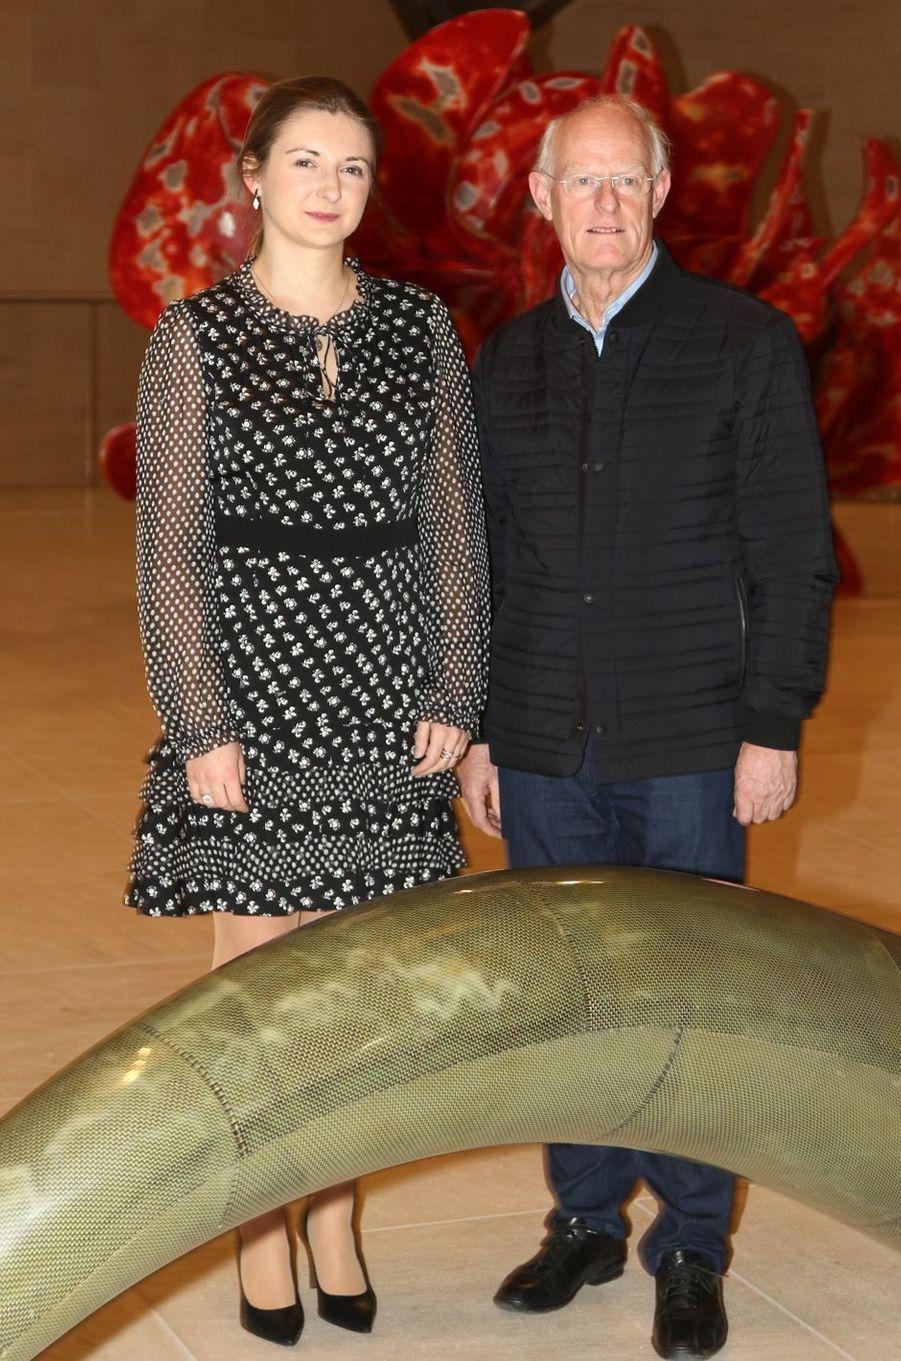 La princesse Stéphanie de Luxembourg avecTony Gragg au Mudam à Luxembourg, le 9 février 2017